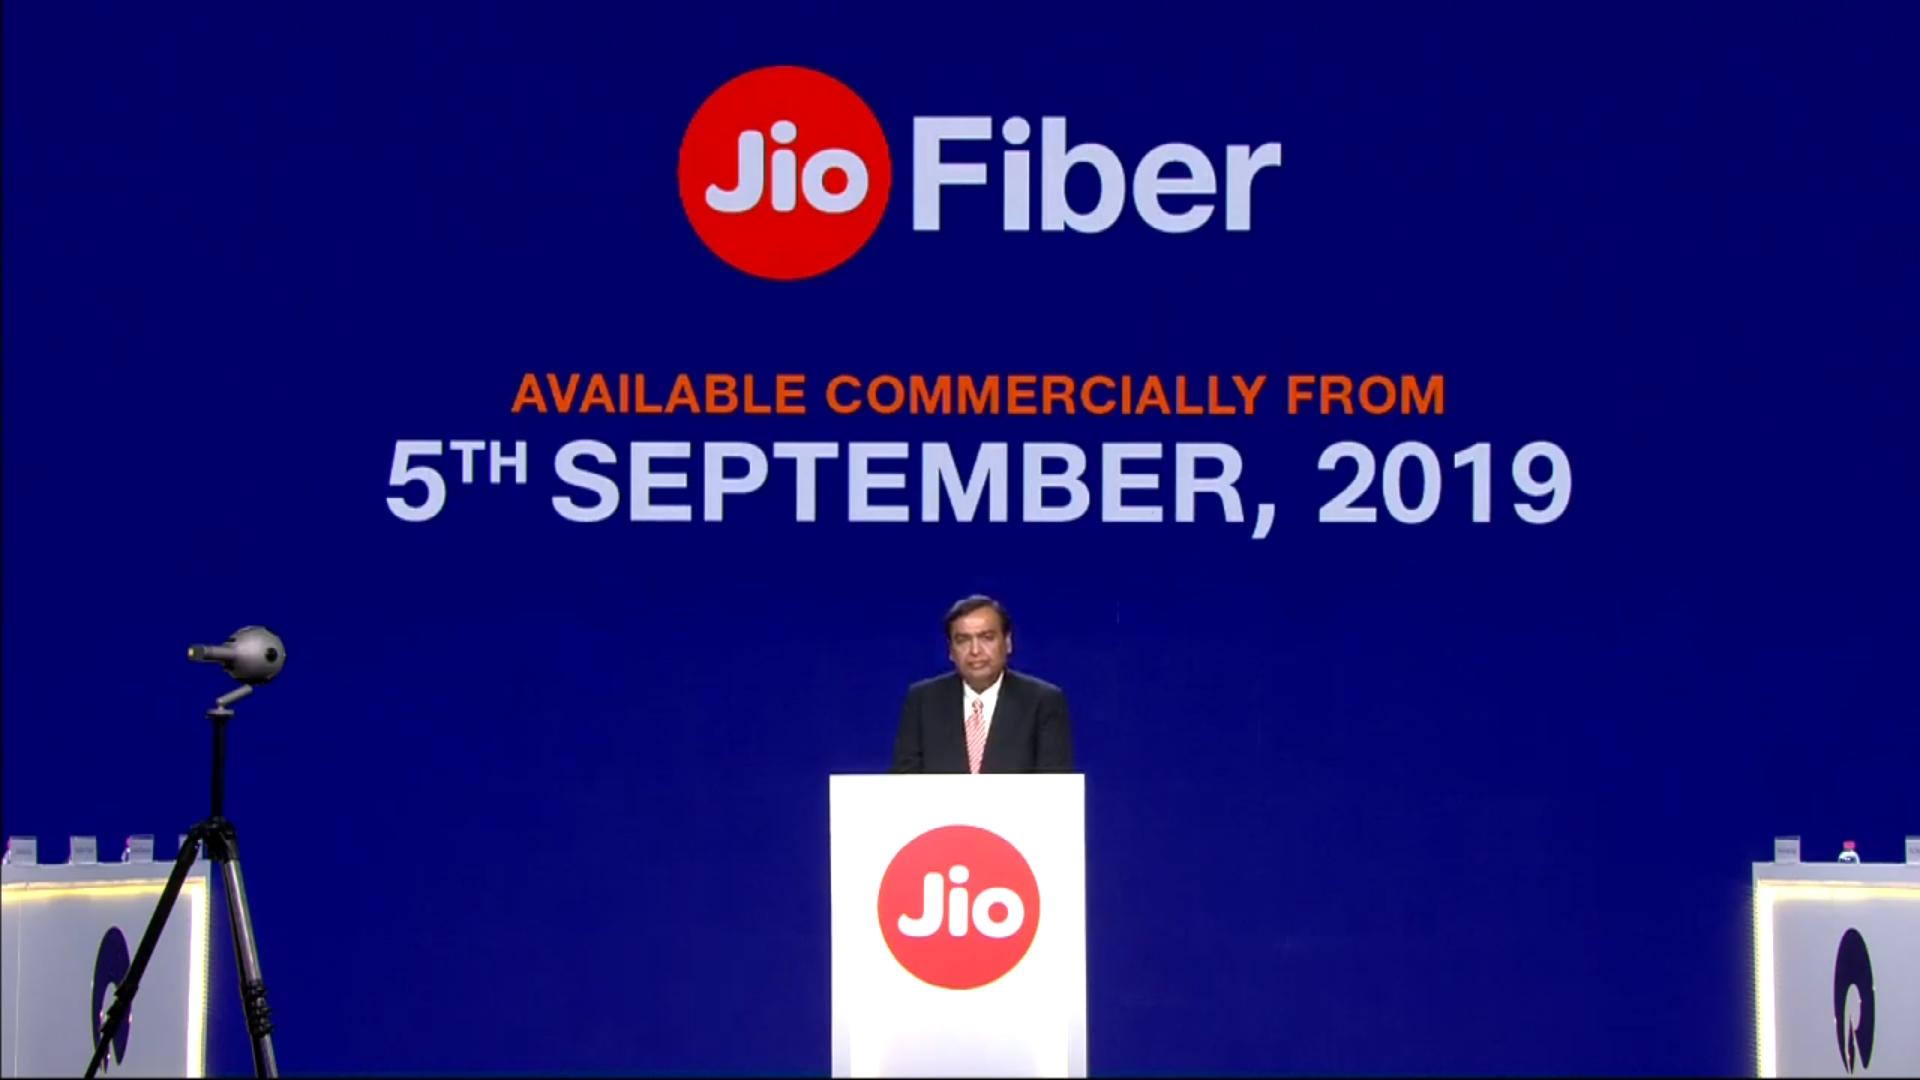 Relioce JioFiber ticari lansmanı 5 Eylül'de başladı: Tüm sorularınız cevaplandı 1